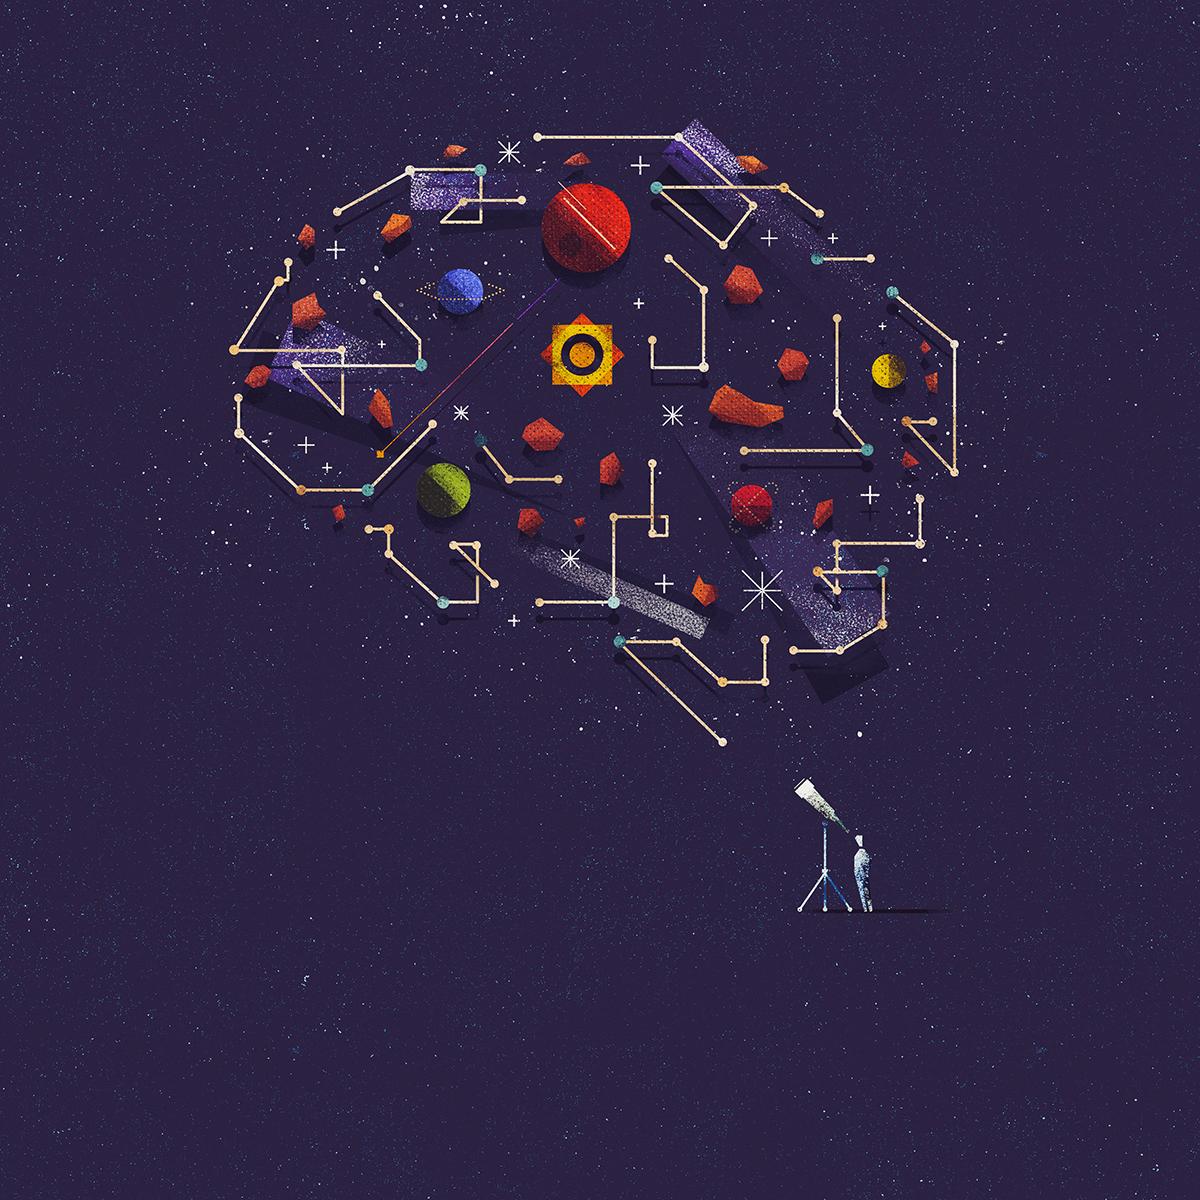 Уникальные иллюстрации от Danа Matutina